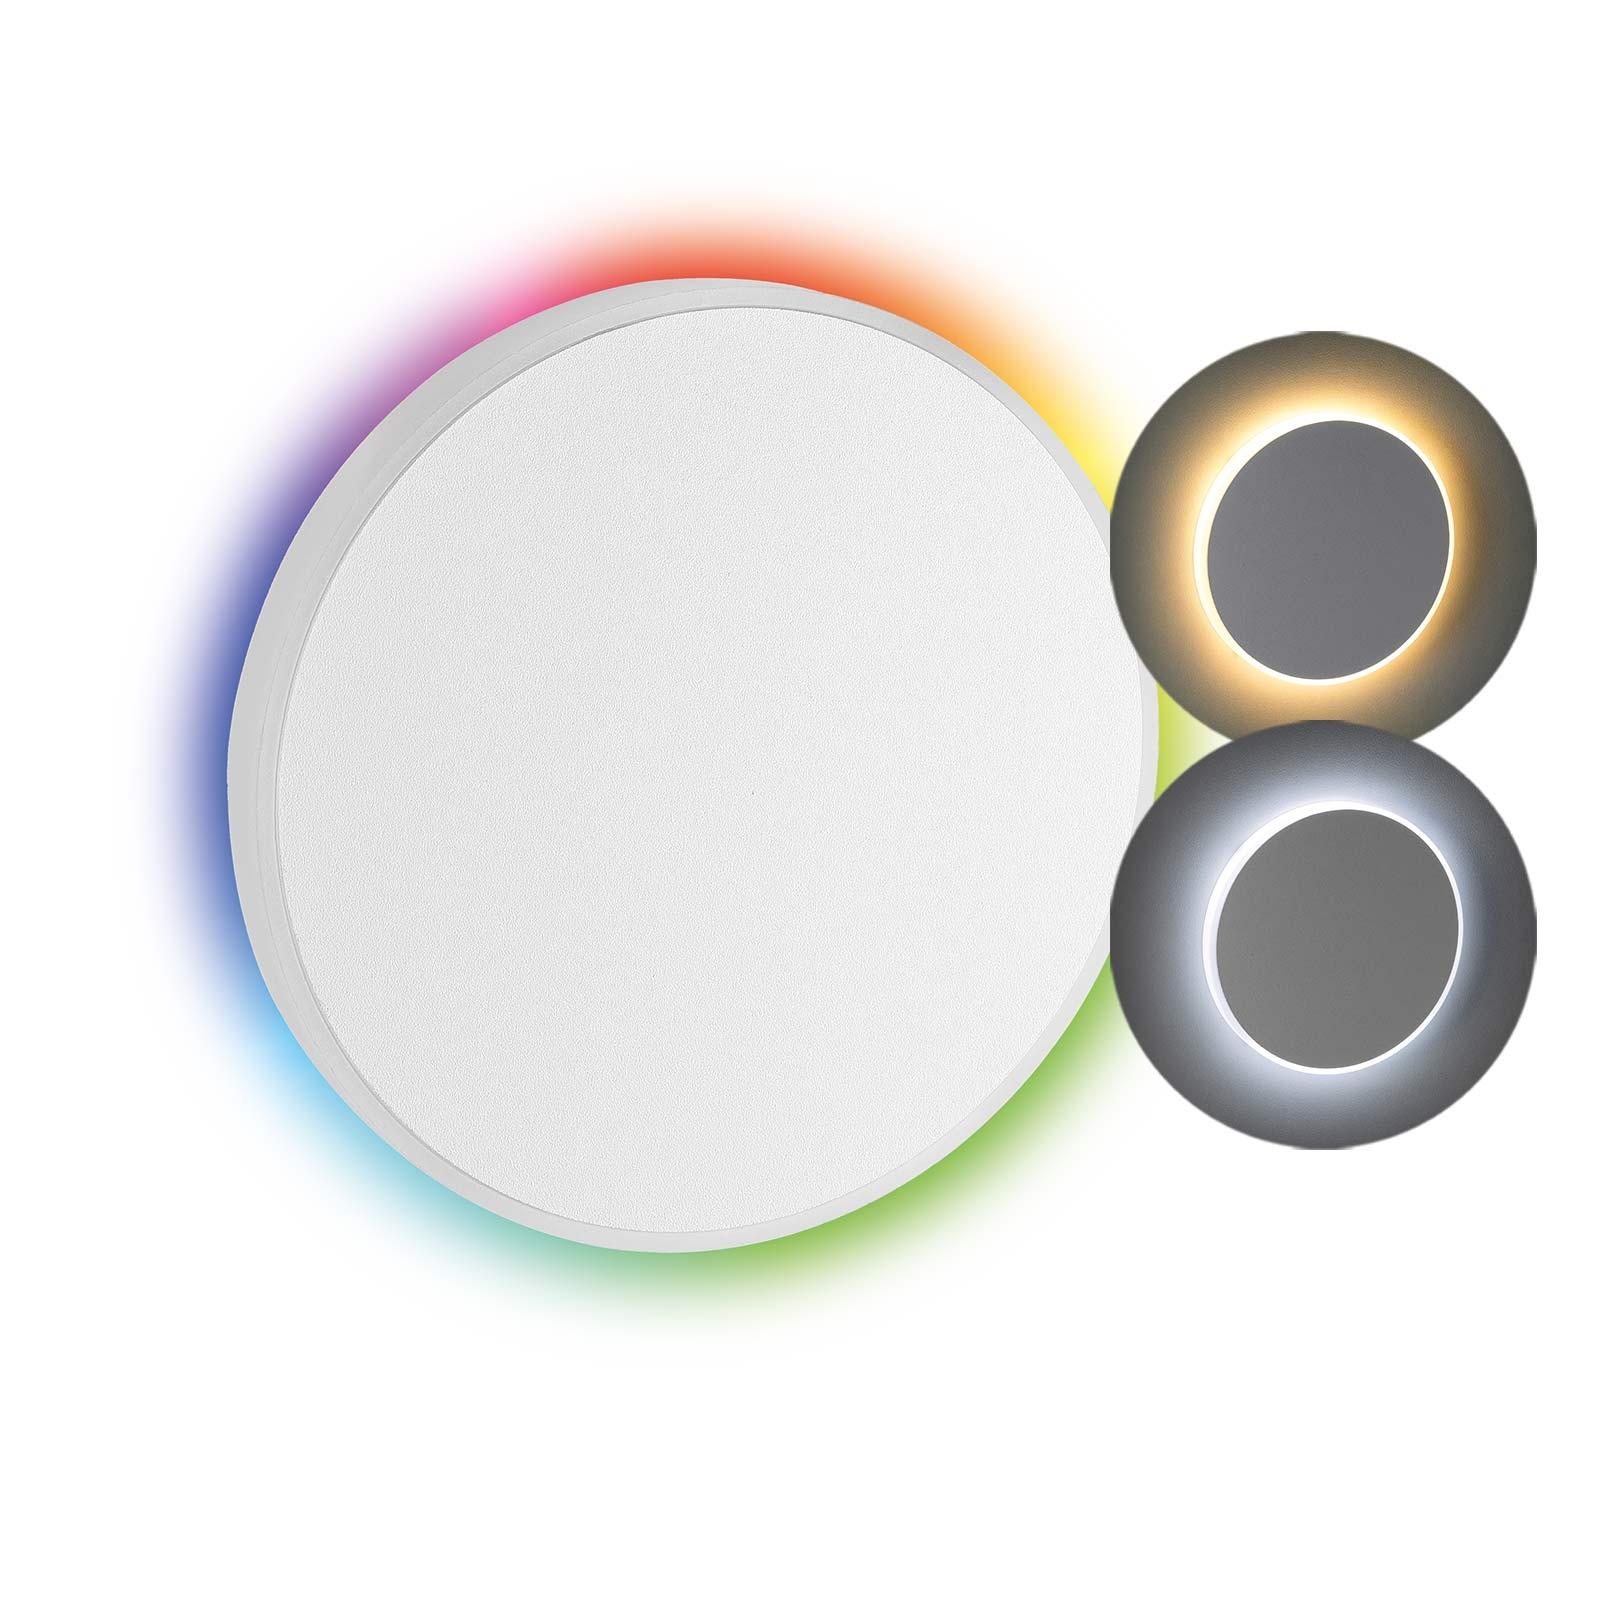 LED Stufenbeleuchtung Oberteil rund, weiß | Seitlicher Lichtaustritt